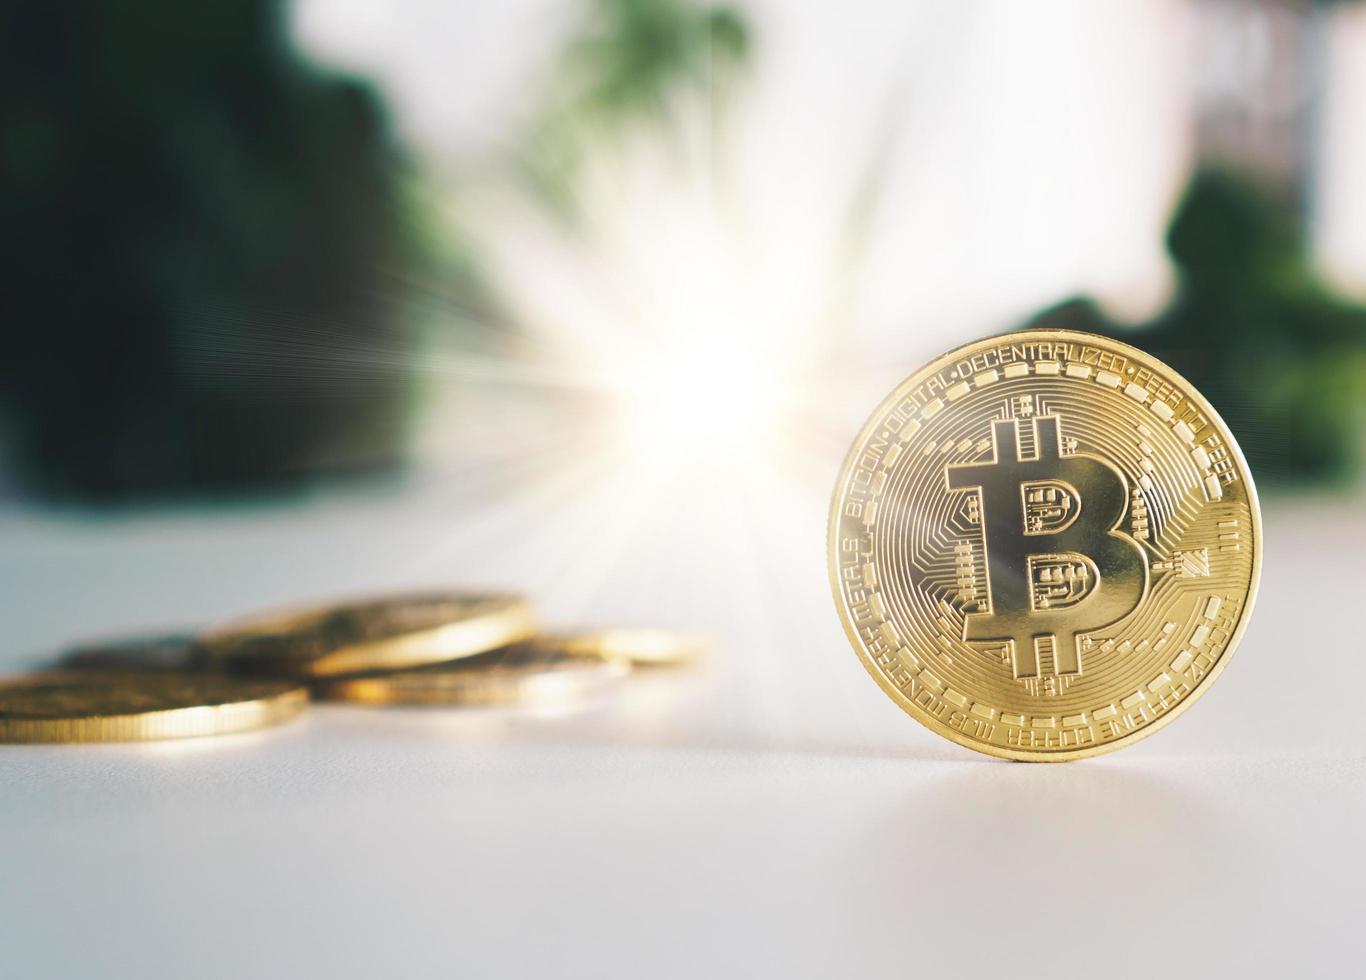 symbool van bitcoins als cryptocurrency voor digitaal geld foto